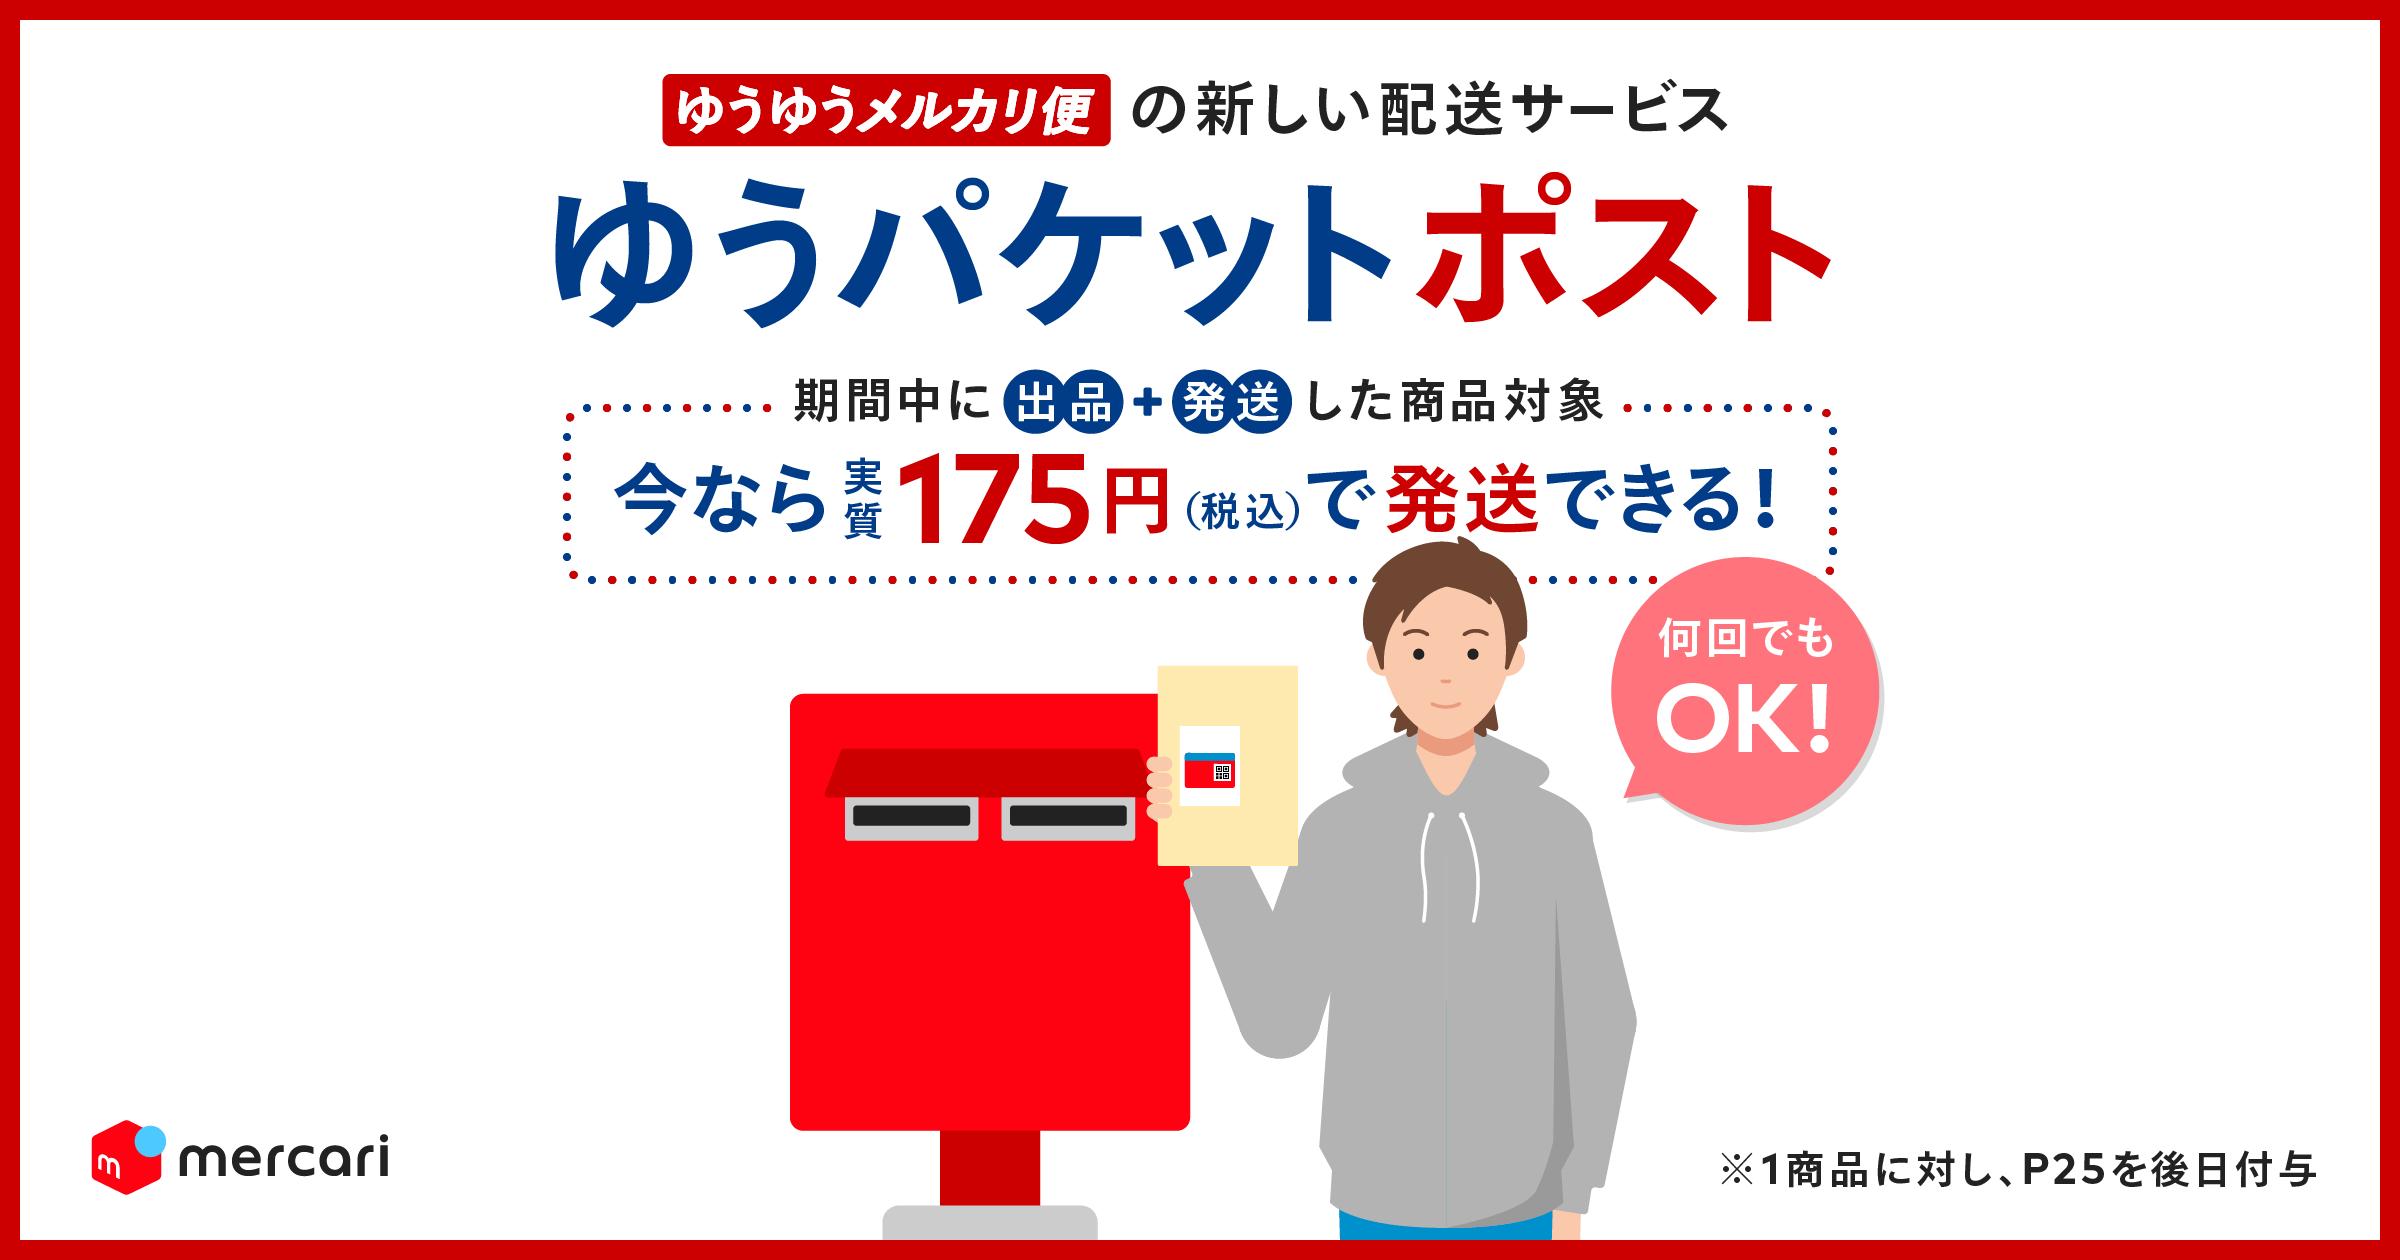 【7/16〜8/31】【実質175円で発送】おトクにゆうパケットポストで発送キャンペーン